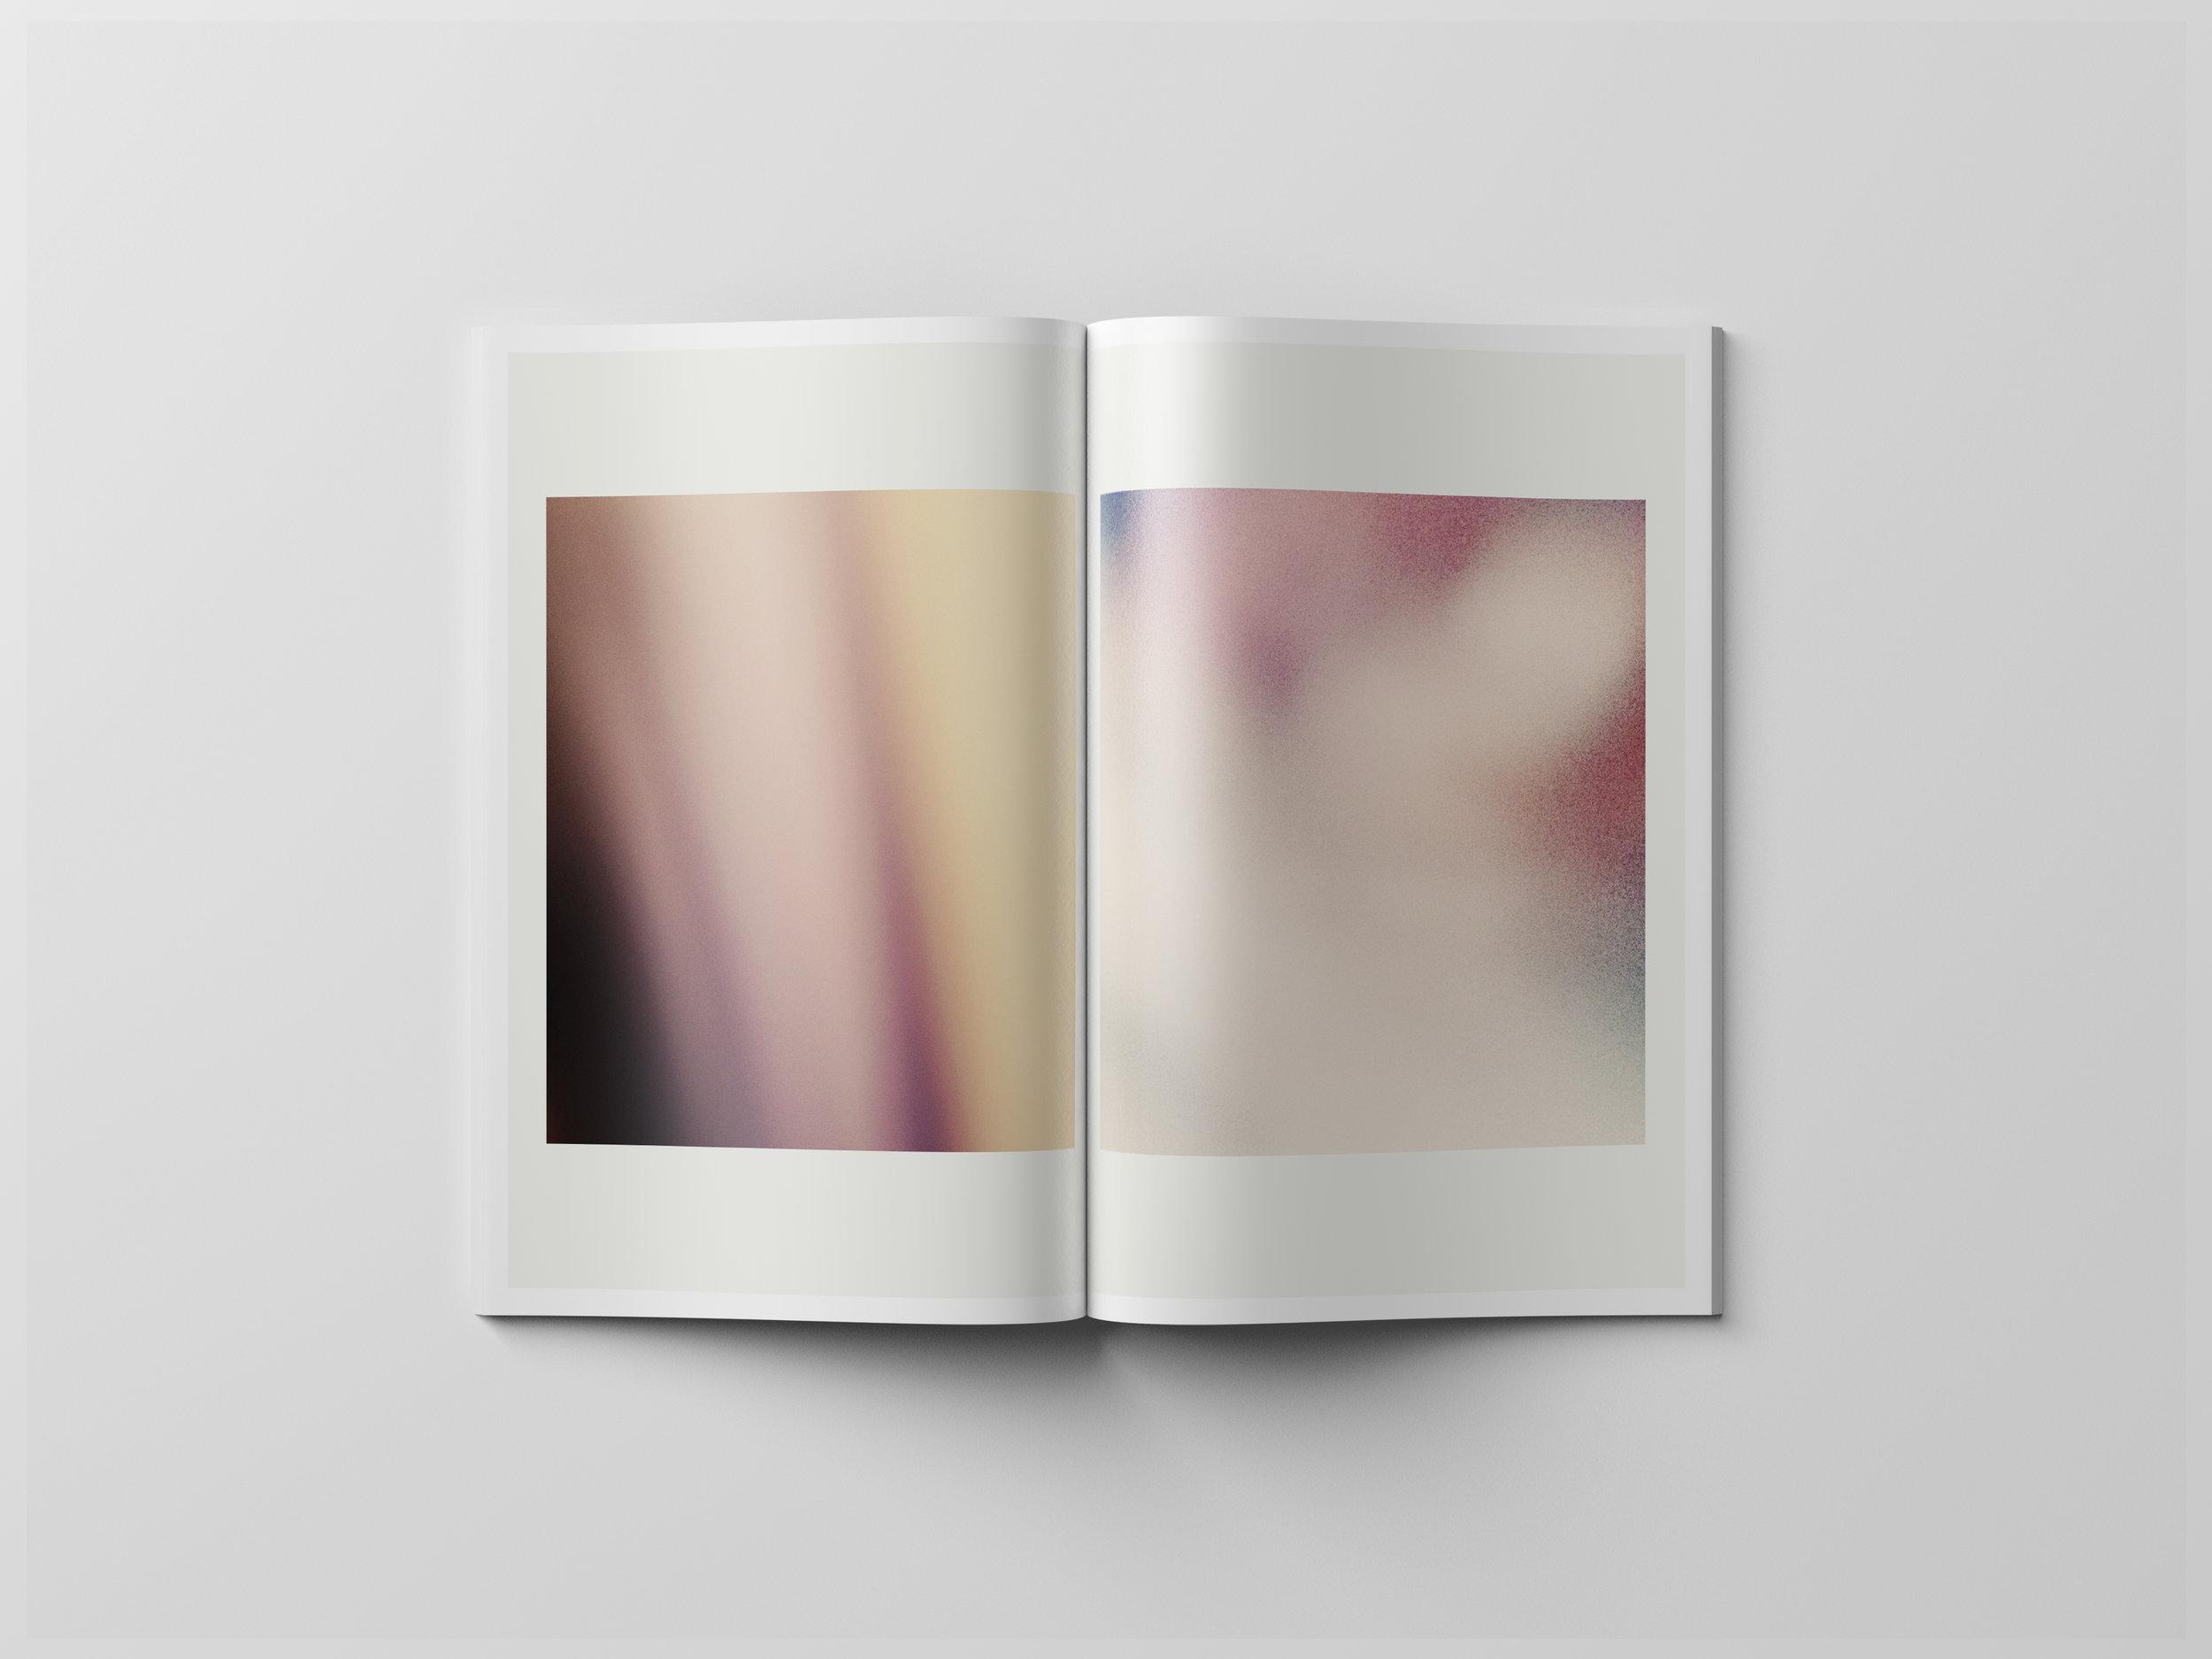 pg34-35.jpg